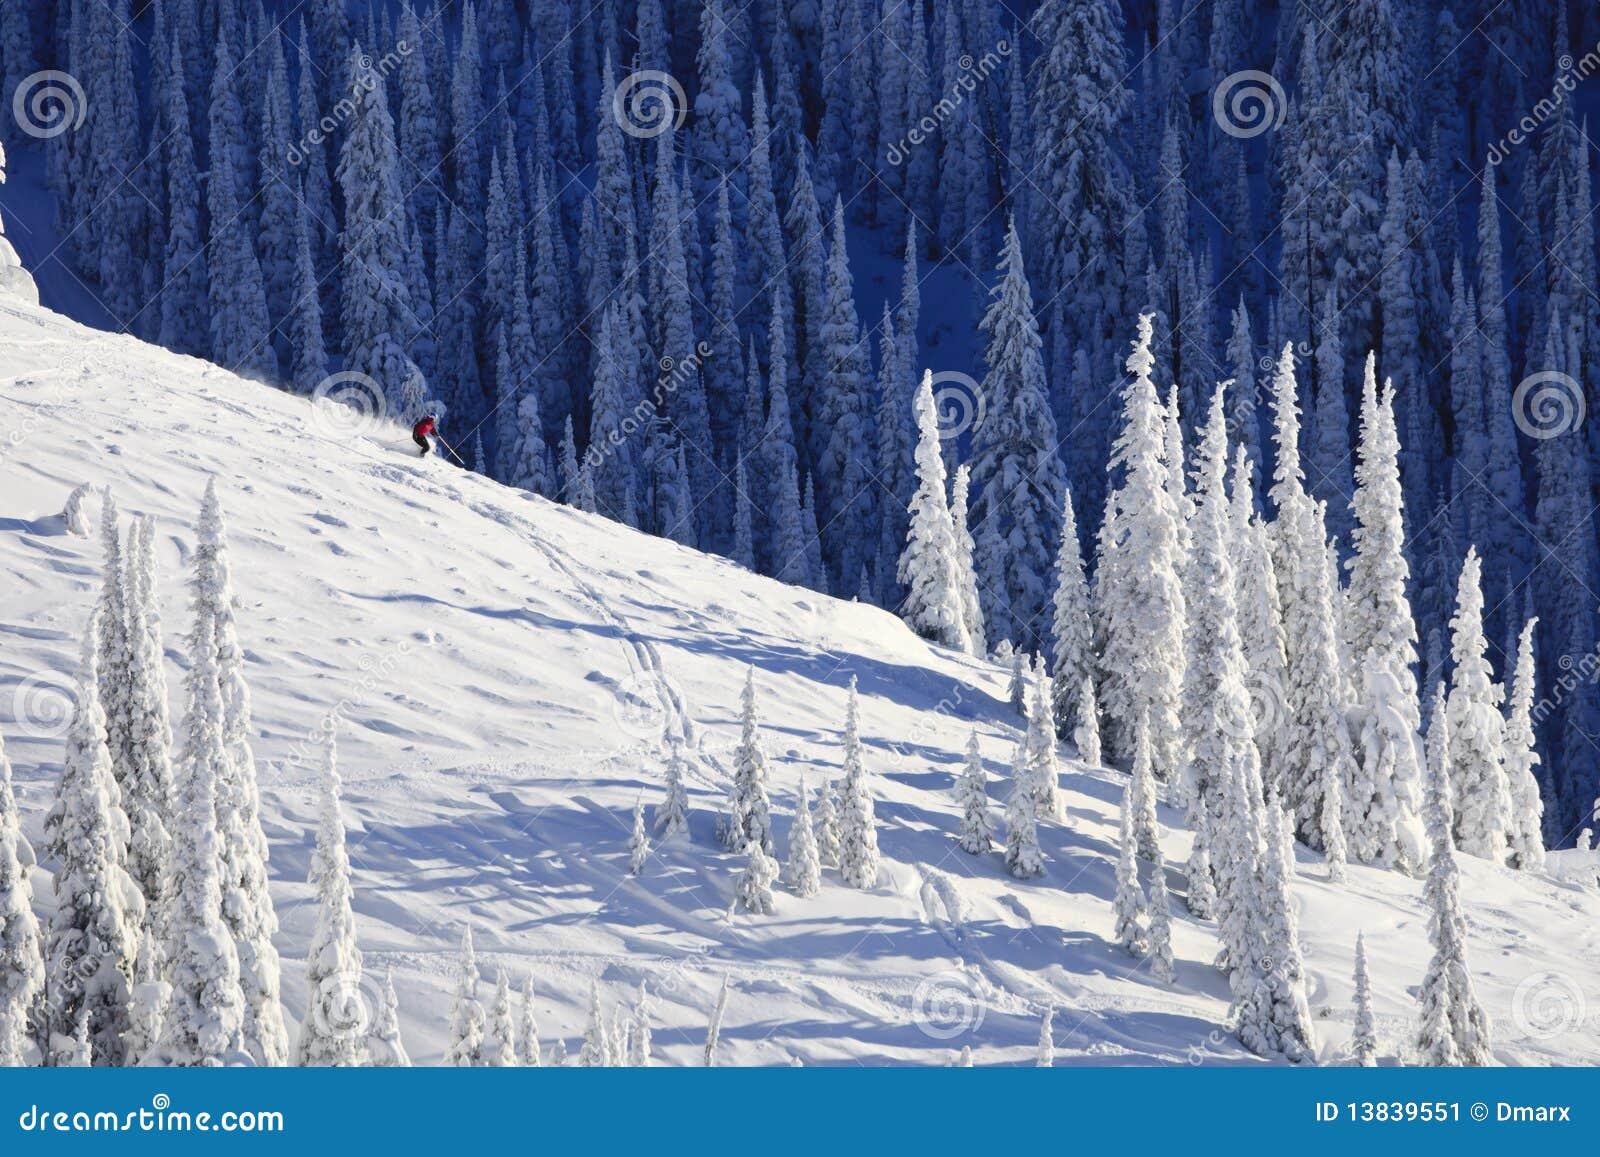 Skifahrer auf Schnee deckte Bergabhang ab